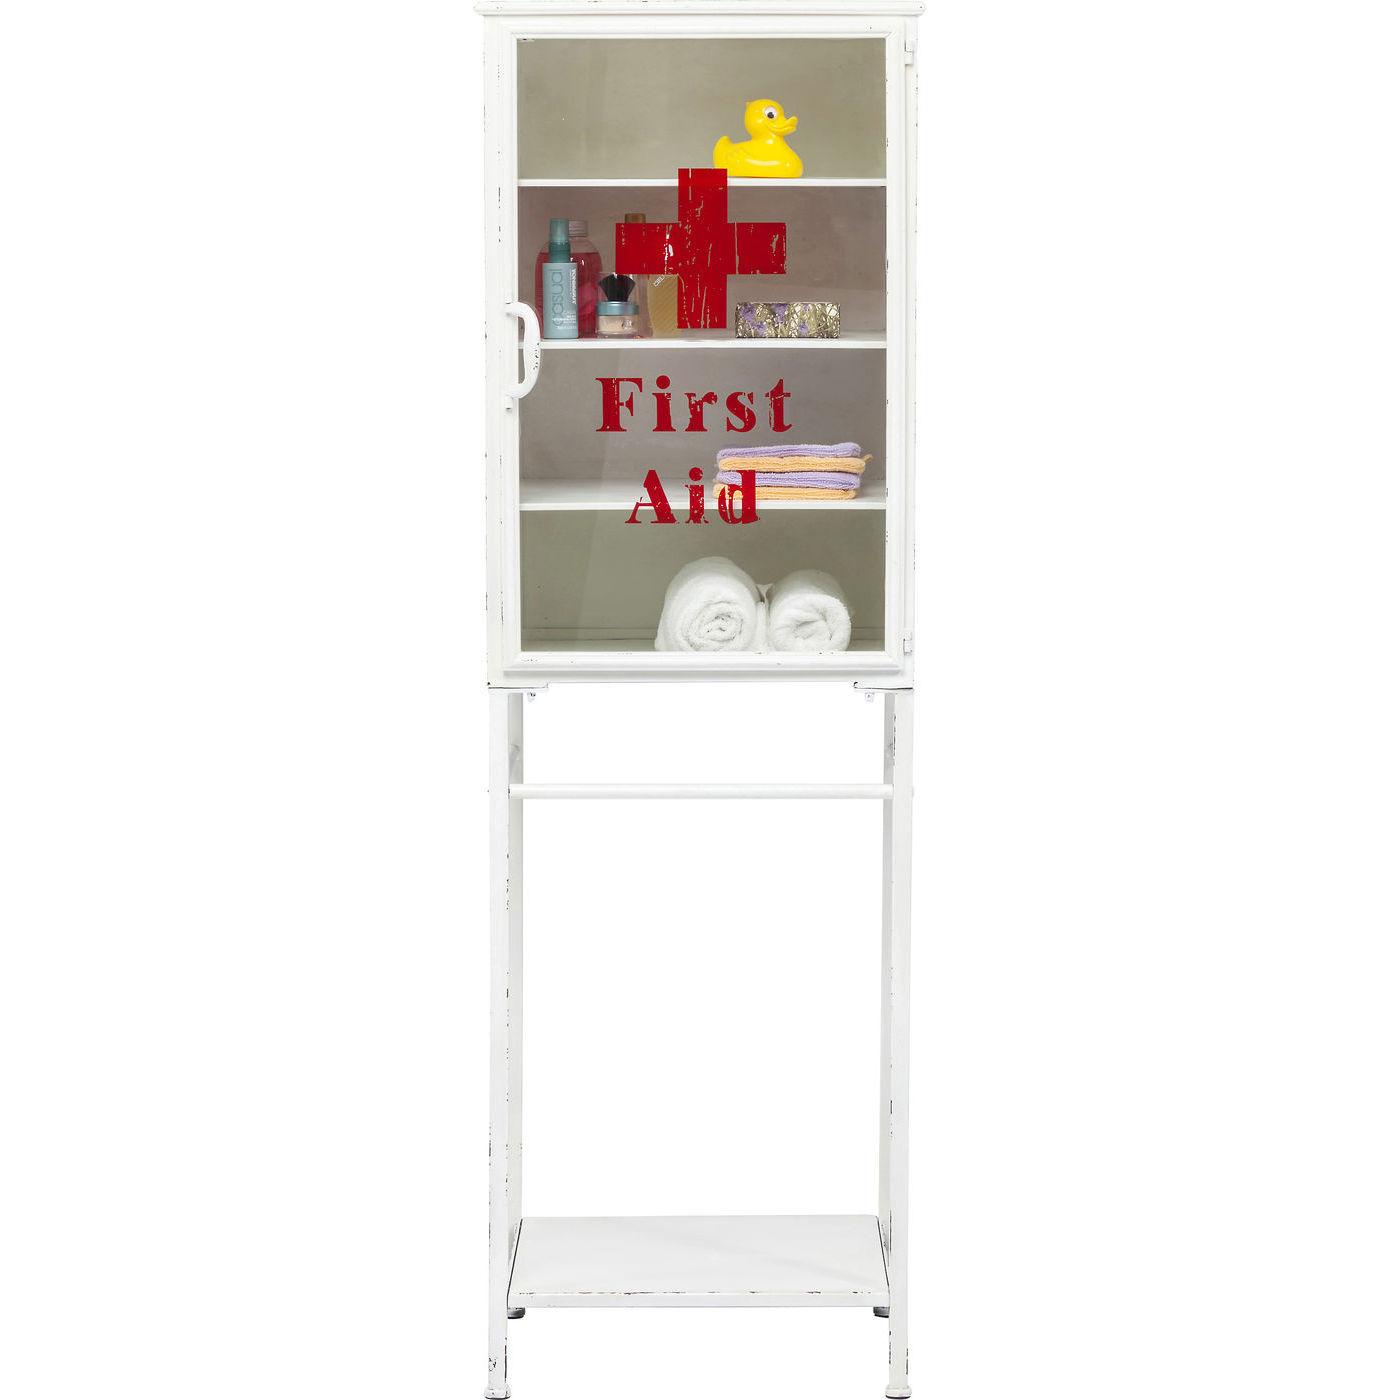 Billede af Kare Design Skab, First Aid